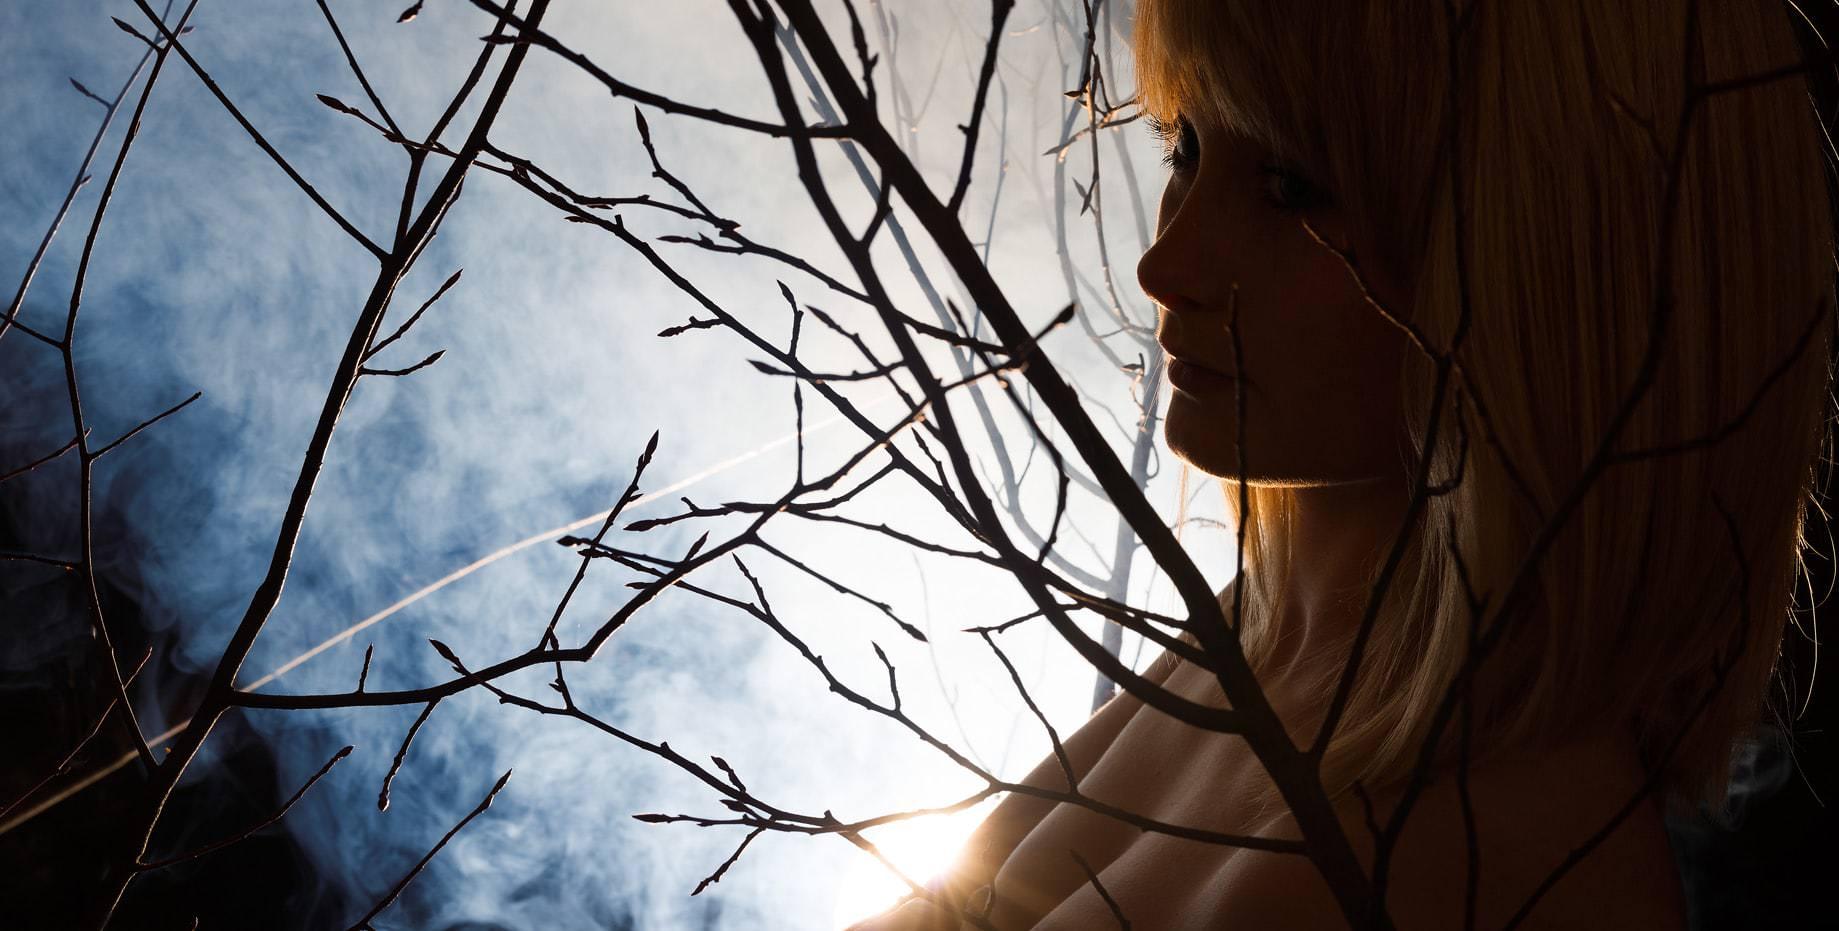 Strauch Brüste Gegenlicht Rauch Fotoshooting Fotograf